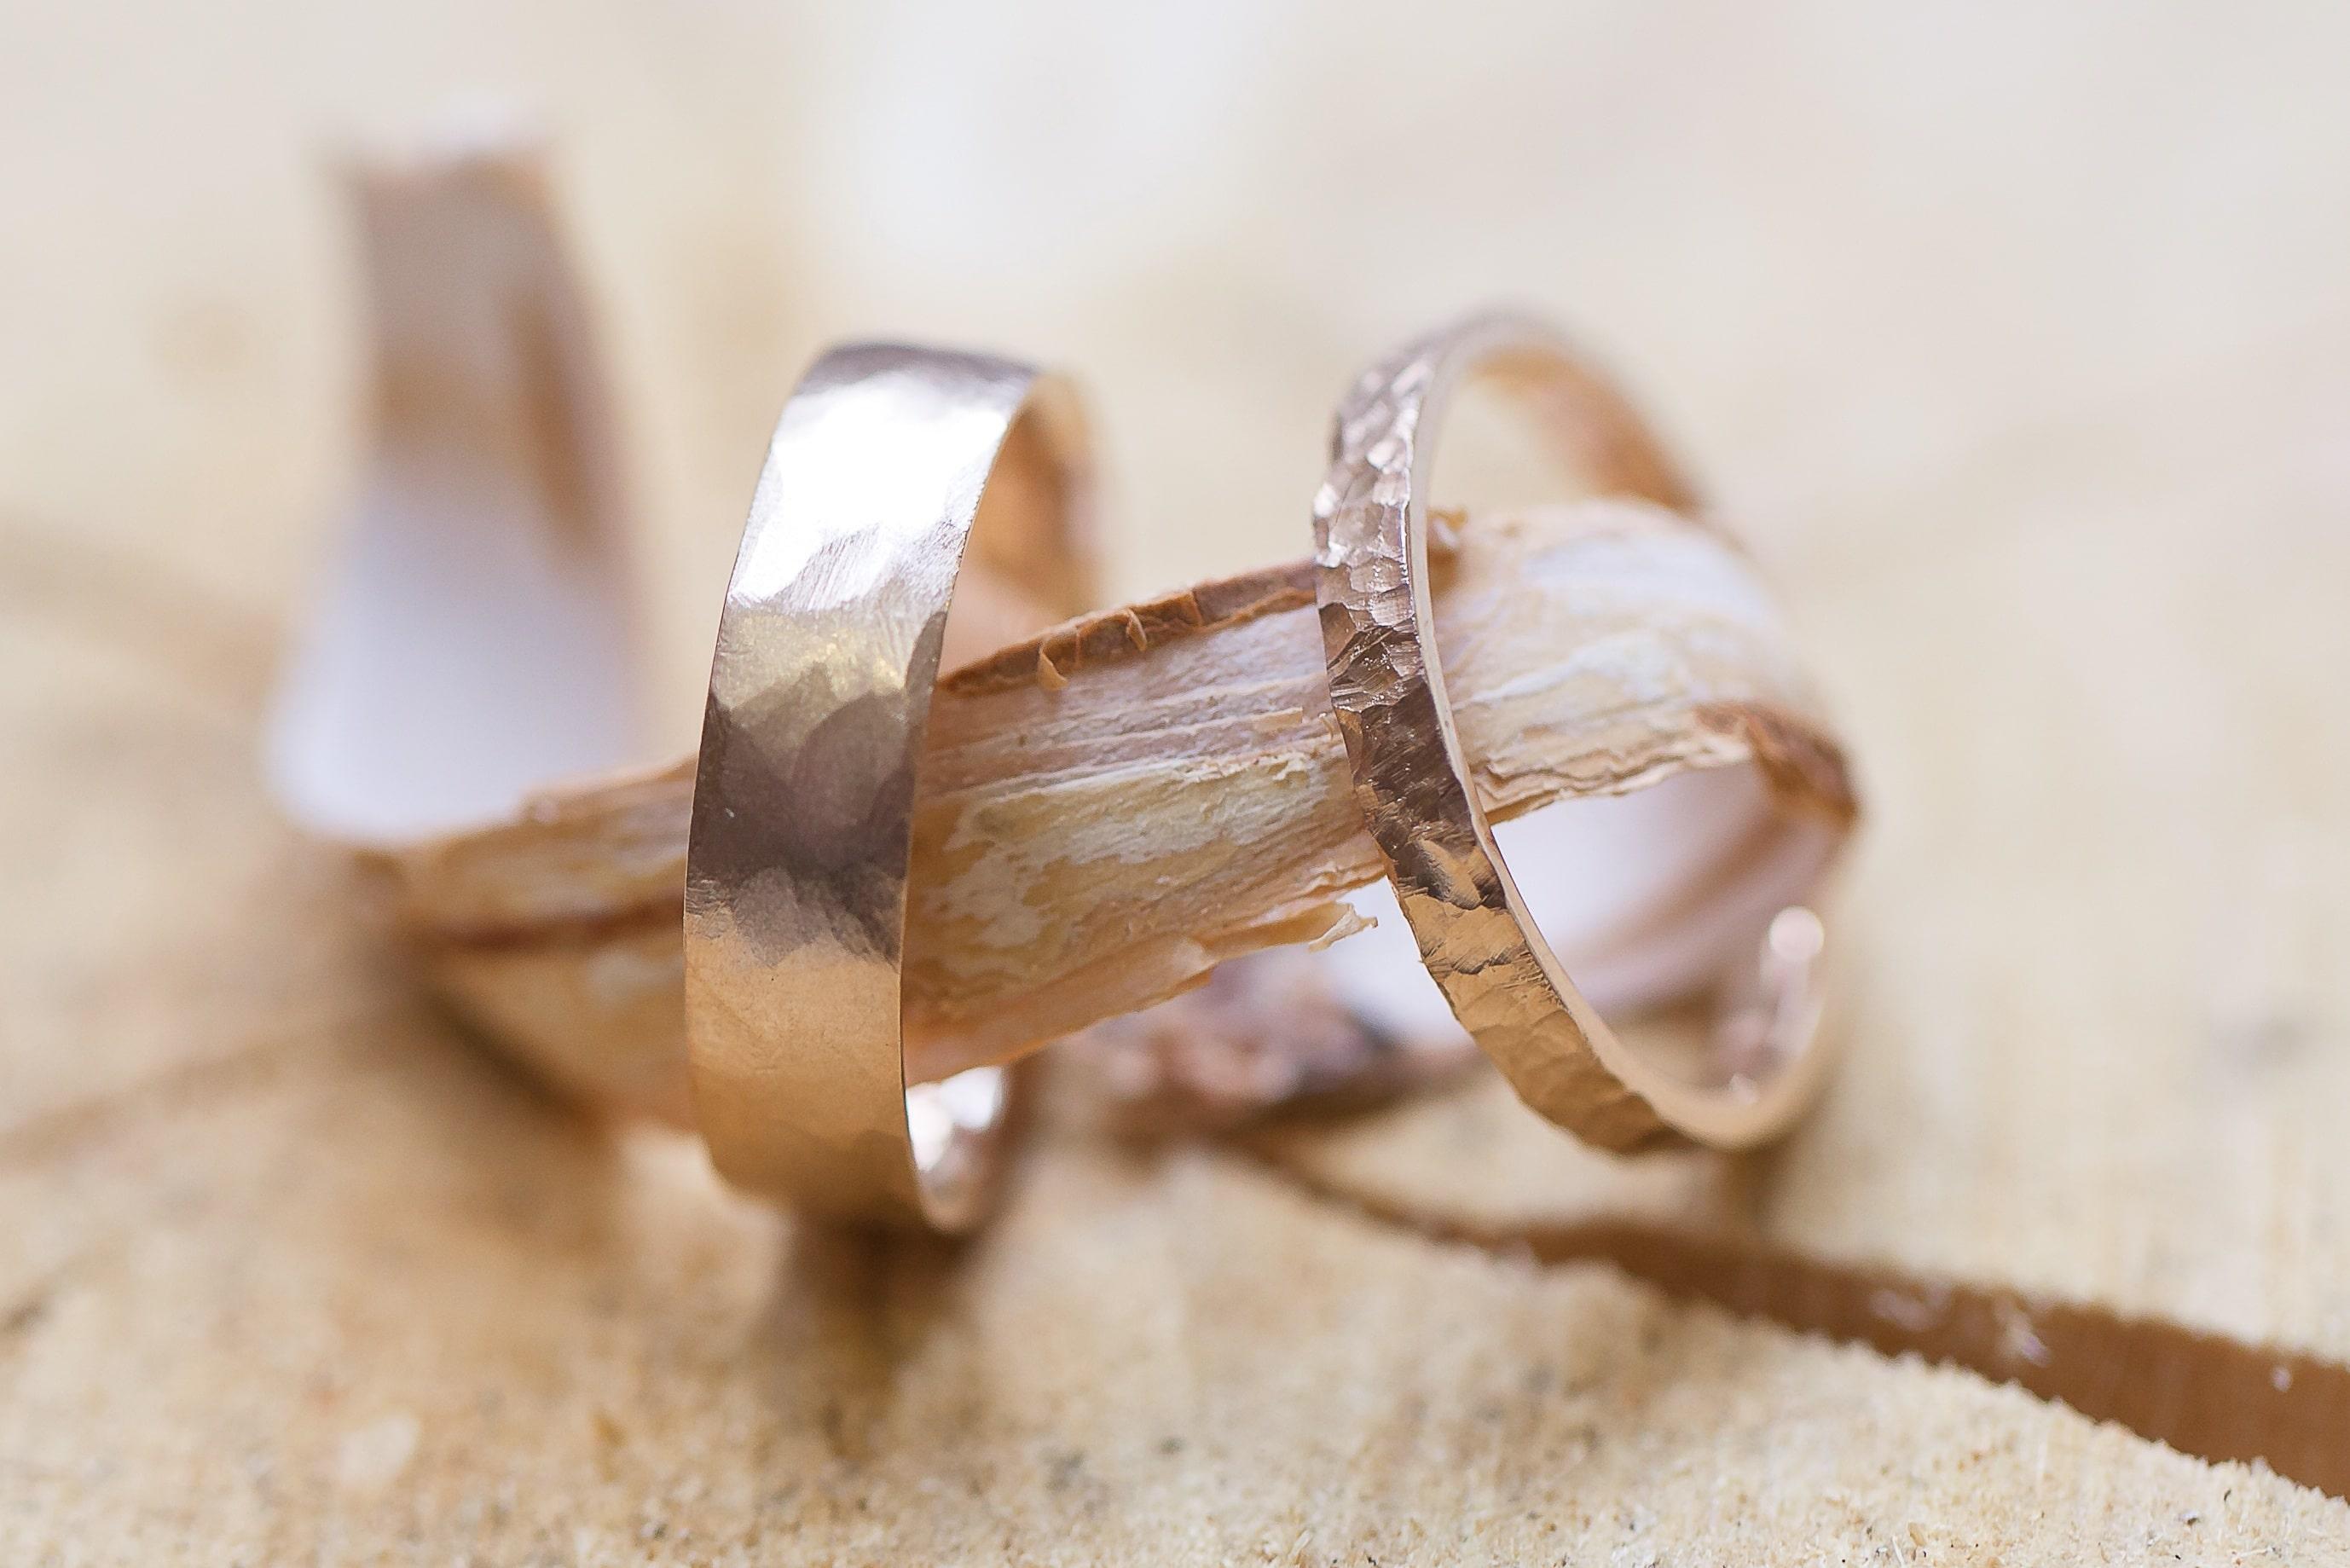 Le jour du mariage, n'oubliez pas de choisir un porte alliance ...